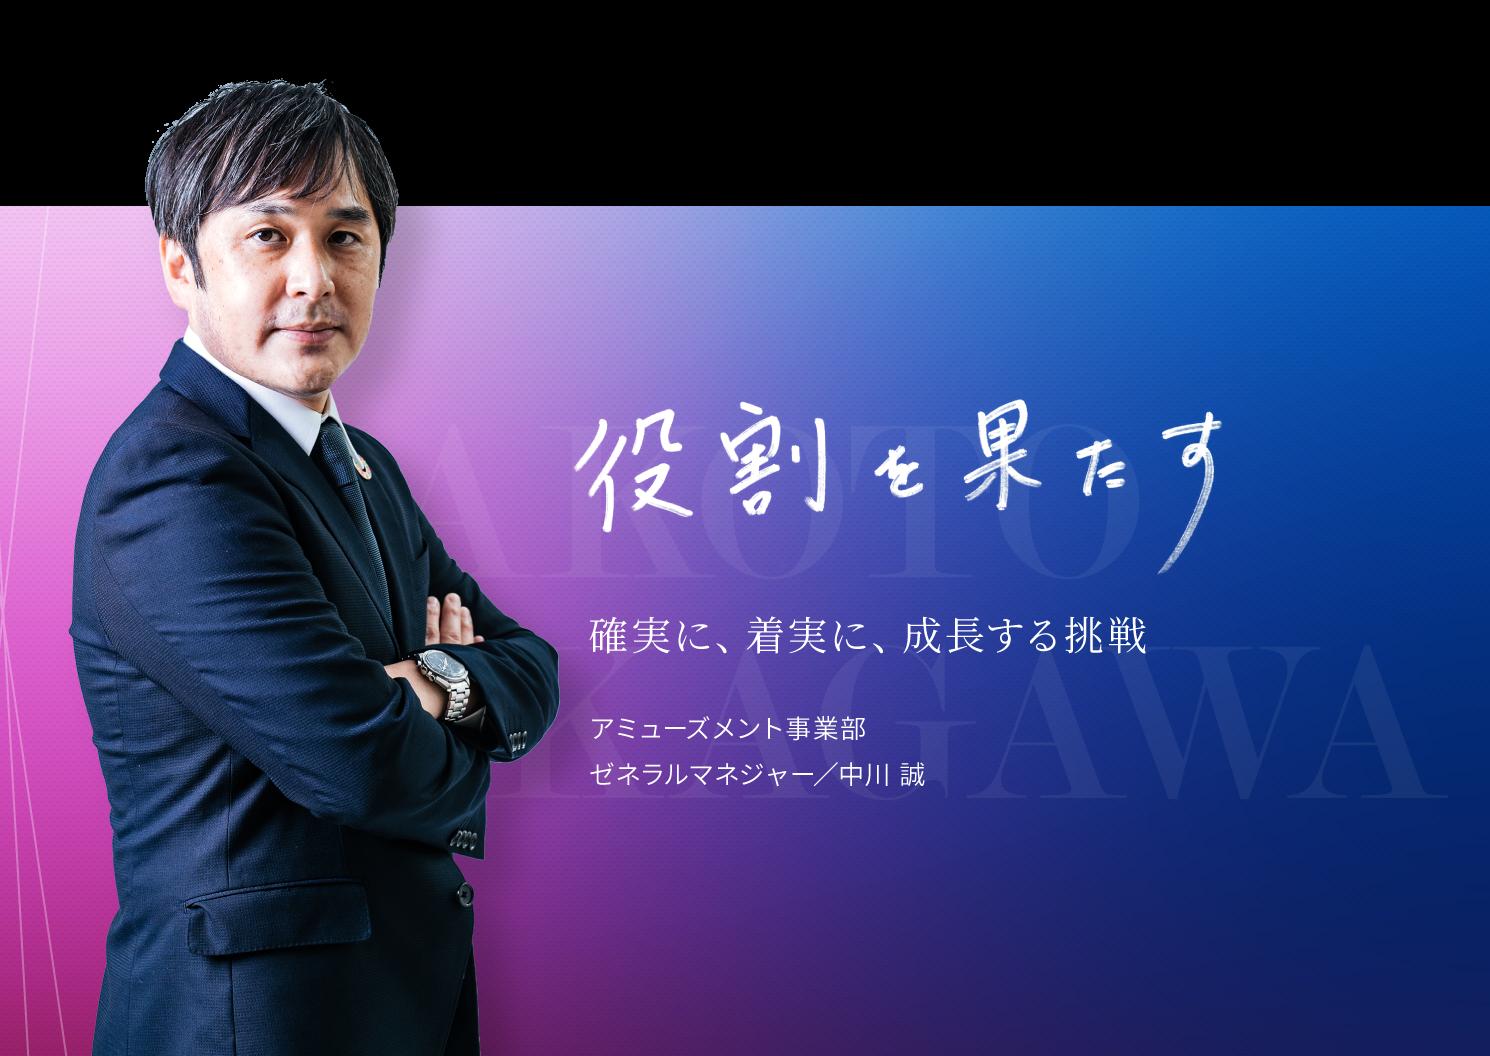 役割を果たす。確実に、着実に、成長する挑戦。アミューズメント事業部 ゼネラルマネージャー/中川誠